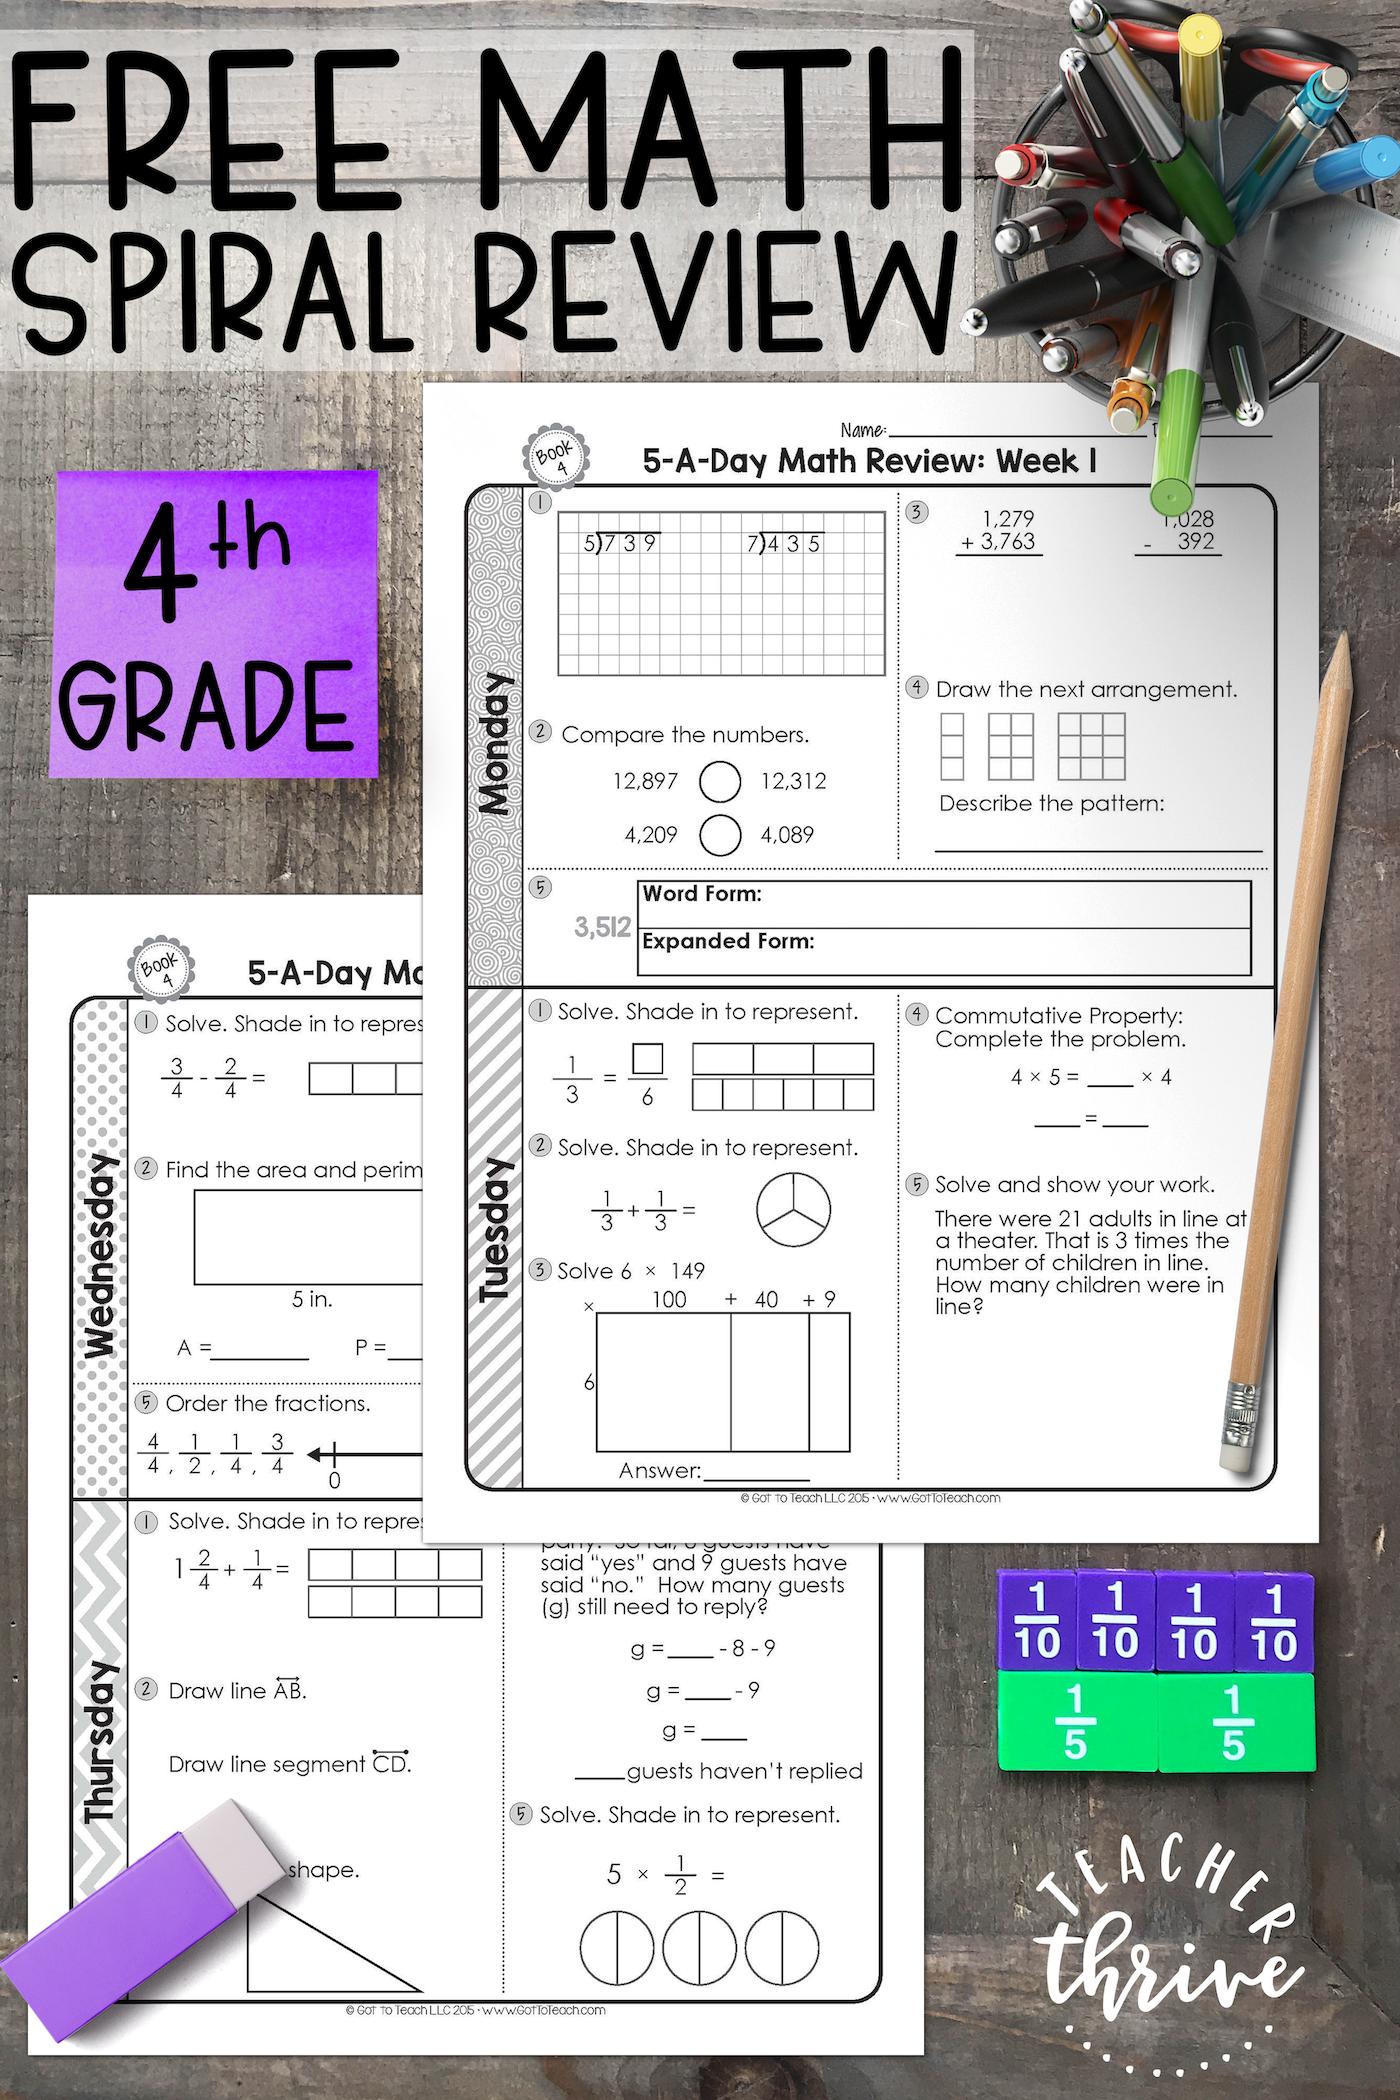 FREE 4th Grade Daily Math Spiral Review • Teacher Thrive   Math spiral  review [ 2100 x 1400 Pixel ]